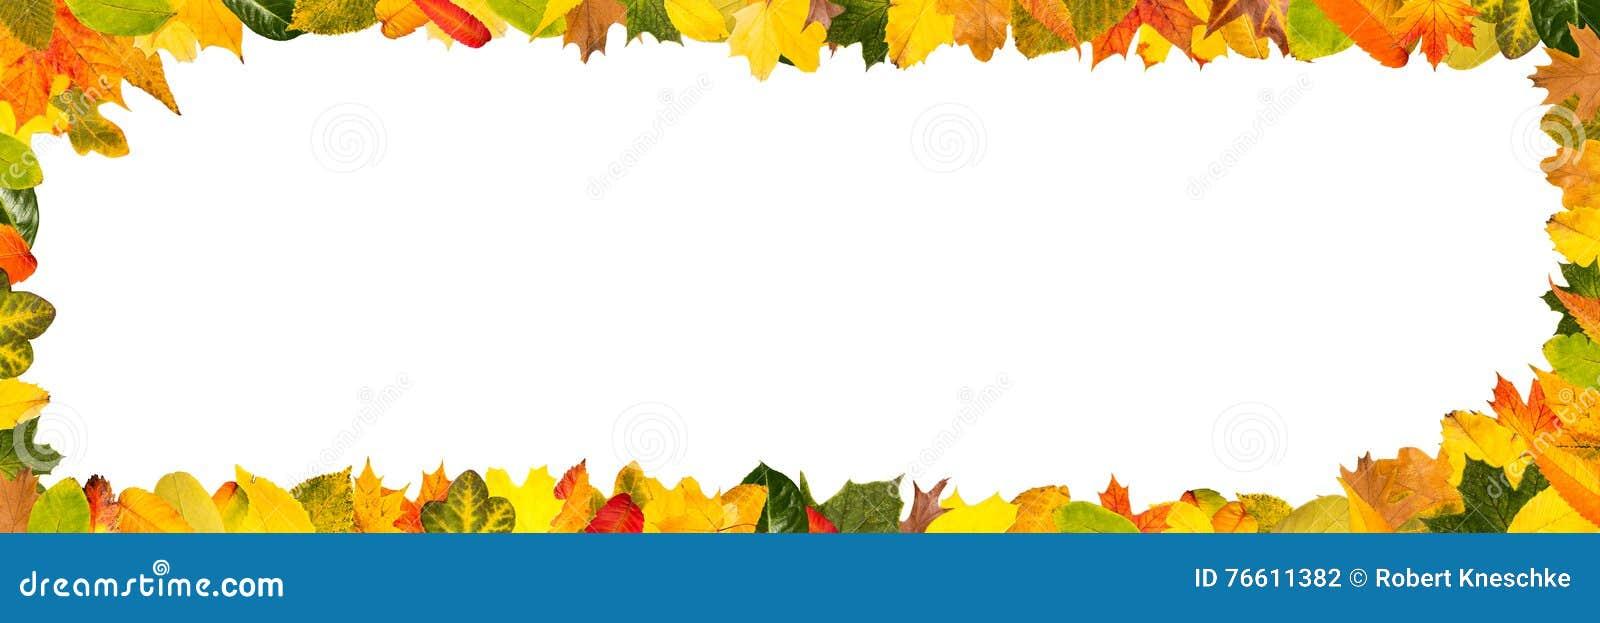 Unterschiedlicher Herbstlaub Als Panoramarahmen Stockfoto - Bild von ...